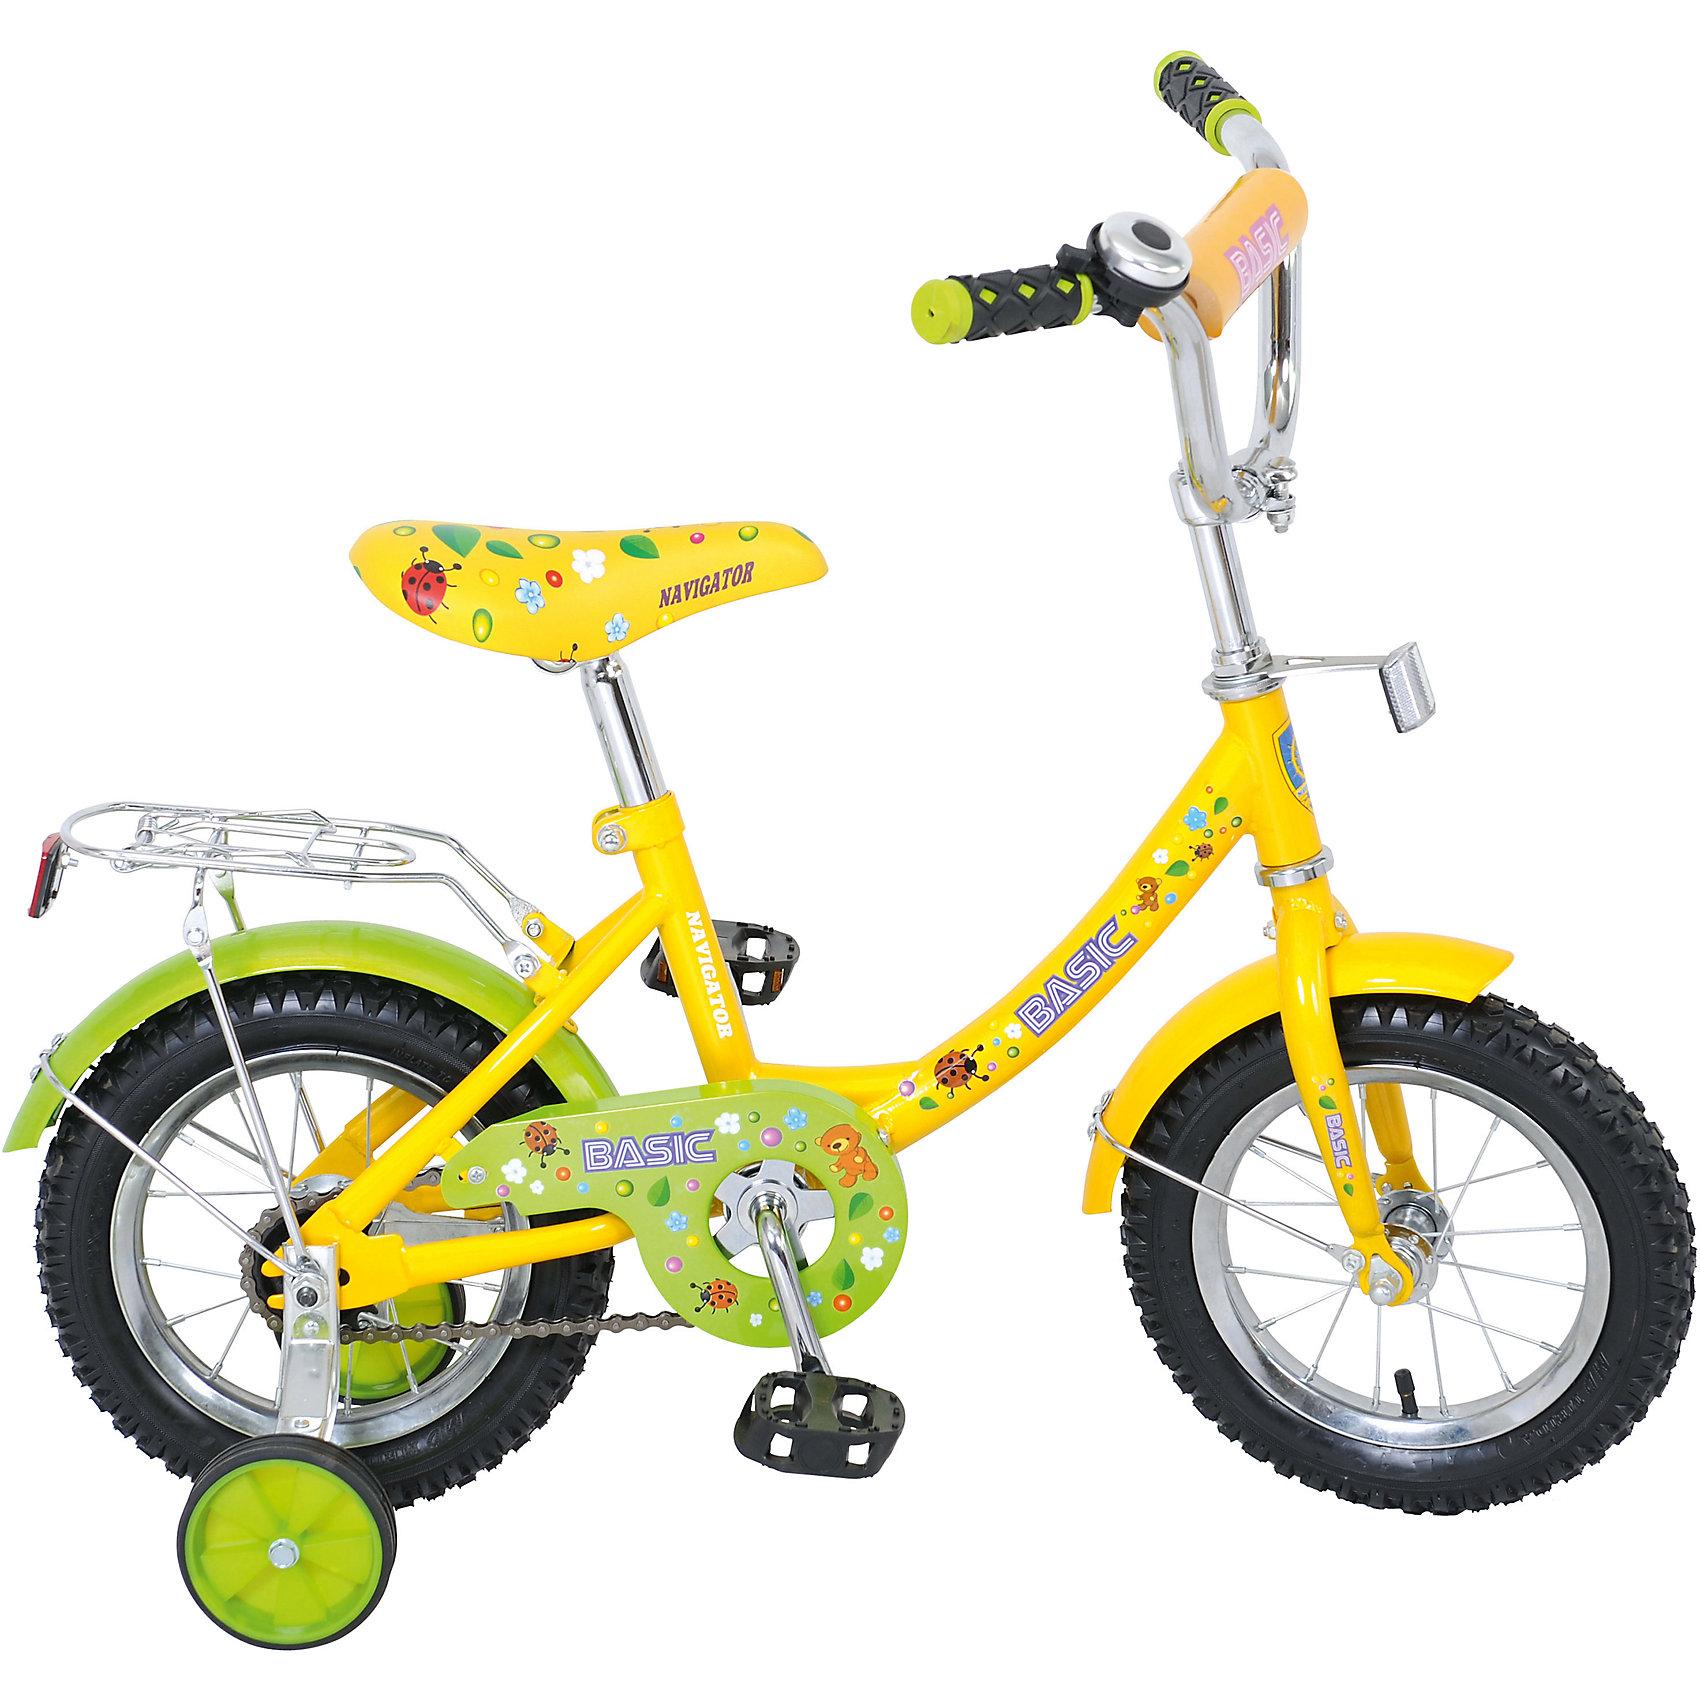 Двухколесный велосипед Basic, зелено-желтый, NavigatorДвухколесный велосипед Basic, зелено-желтый, Navigator (Навигатор)<br><br>Характеристики:<br><br>• широкие страховочные колеса<br>• удобное сиденье<br>• звонок<br>• багажник<br>• регулируемая высота сиденья и руля<br>• односоставной шатун<br>• колеса из прочной резины<br>• диаметр колес: 12 дюймов<br>• ножной задний тормоз<br>• защита цепи<br>• обод: сталь<br>• рост ребенка: 85-100 см<br>• длина велосипеда: 88 см<br>• размер упаковки: 17х33х72 см<br>• вес: 9 кг<br>• цвет: зелено-желтый<br><br>Двухколесный велосипед Basic отлично подойдет для обучения катанию на велосипеде. Широкие страховочные колеса защитят ребенка от падения при первых поездках. Высоту сидения и руль можно регулировать по росту ребенка. Колеса из прочной резины отлично ездят по любой дороге. <br><br>Сиденье с пенным наполнителем очень мягкое - маленький велосипедист сможет удобно расположиться в седле. Цепь имеет защиту от попадания посторонних предметов. Яркий дизайн велосипеда придется по вкусу всем начинающим водителям!<br><br>Двухколесный велосипед Basic, зелено-желтый, Navigator (Навигатор) можно купить в нашем интернет-магазине.<br><br>Ширина мм: 720<br>Глубина мм: 330<br>Высота мм: 170<br>Вес г: 9000<br>Возраст от месяцев: 48<br>Возраст до месяцев: 2147483647<br>Пол: Унисекс<br>Возраст: Детский<br>SKU: 5440871